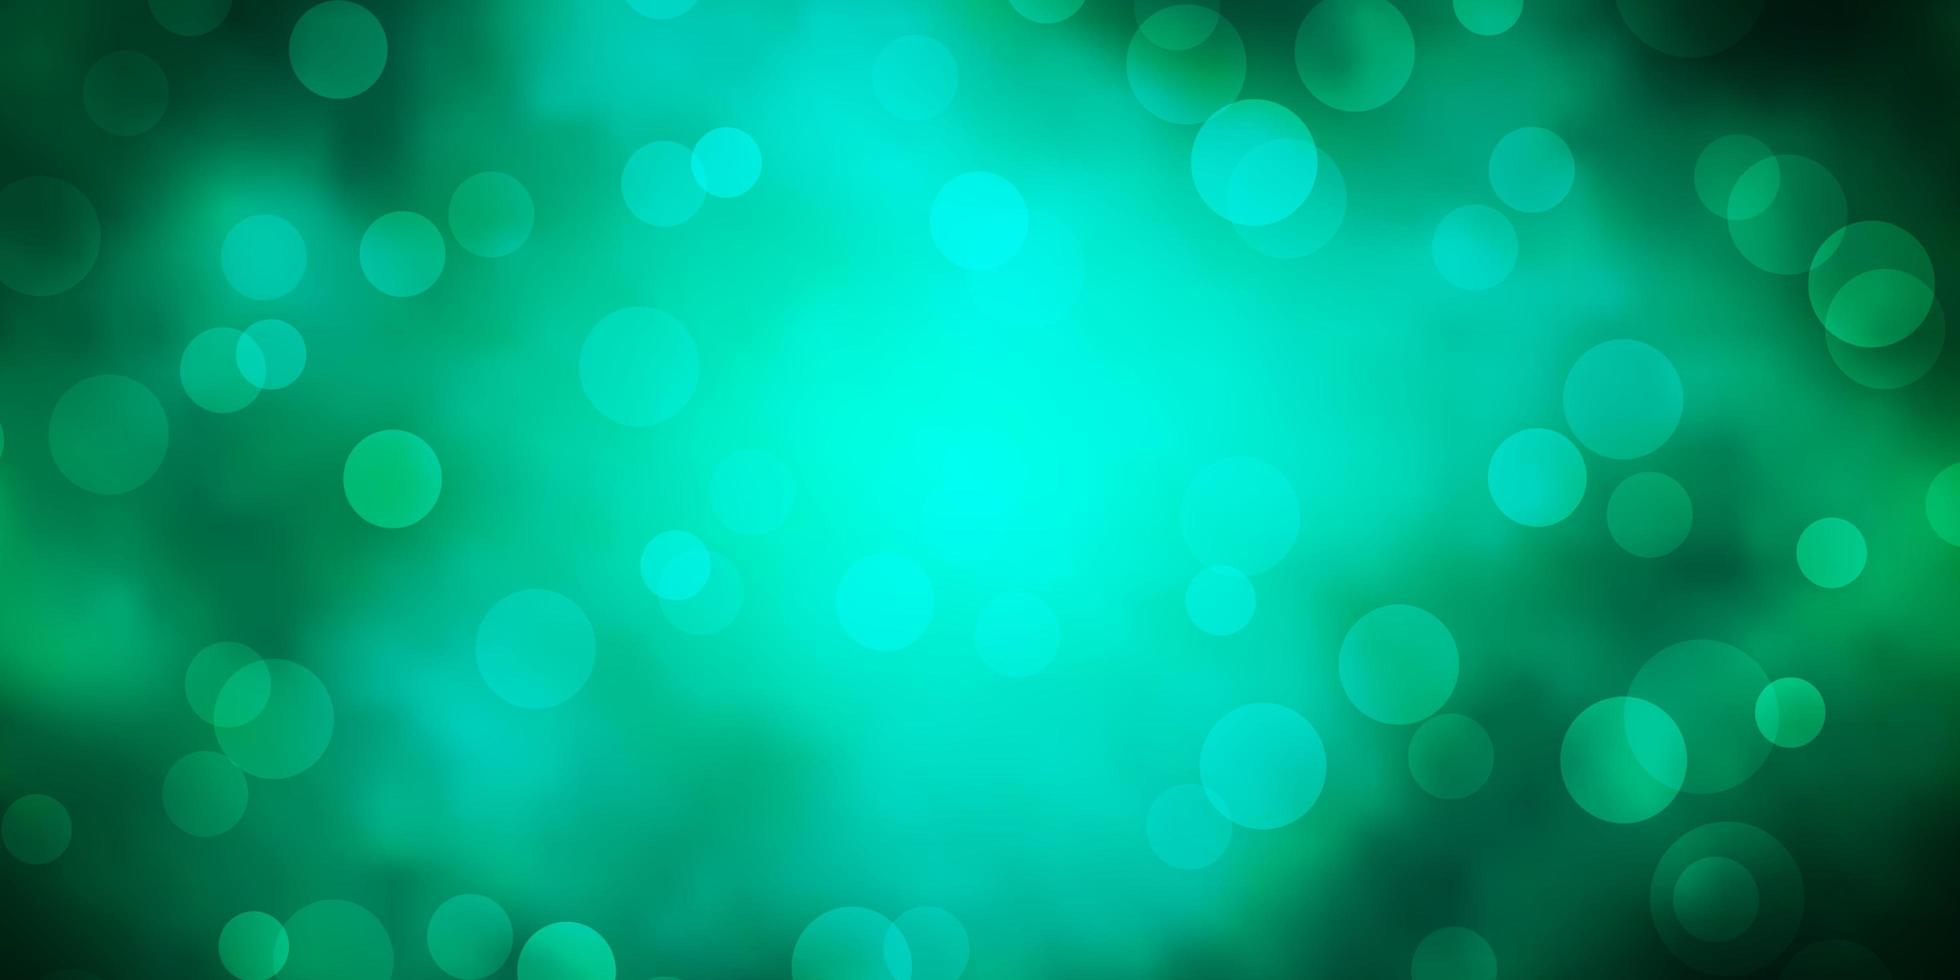 dunkelgrüner Hintergrund mit Kreisen. vektor